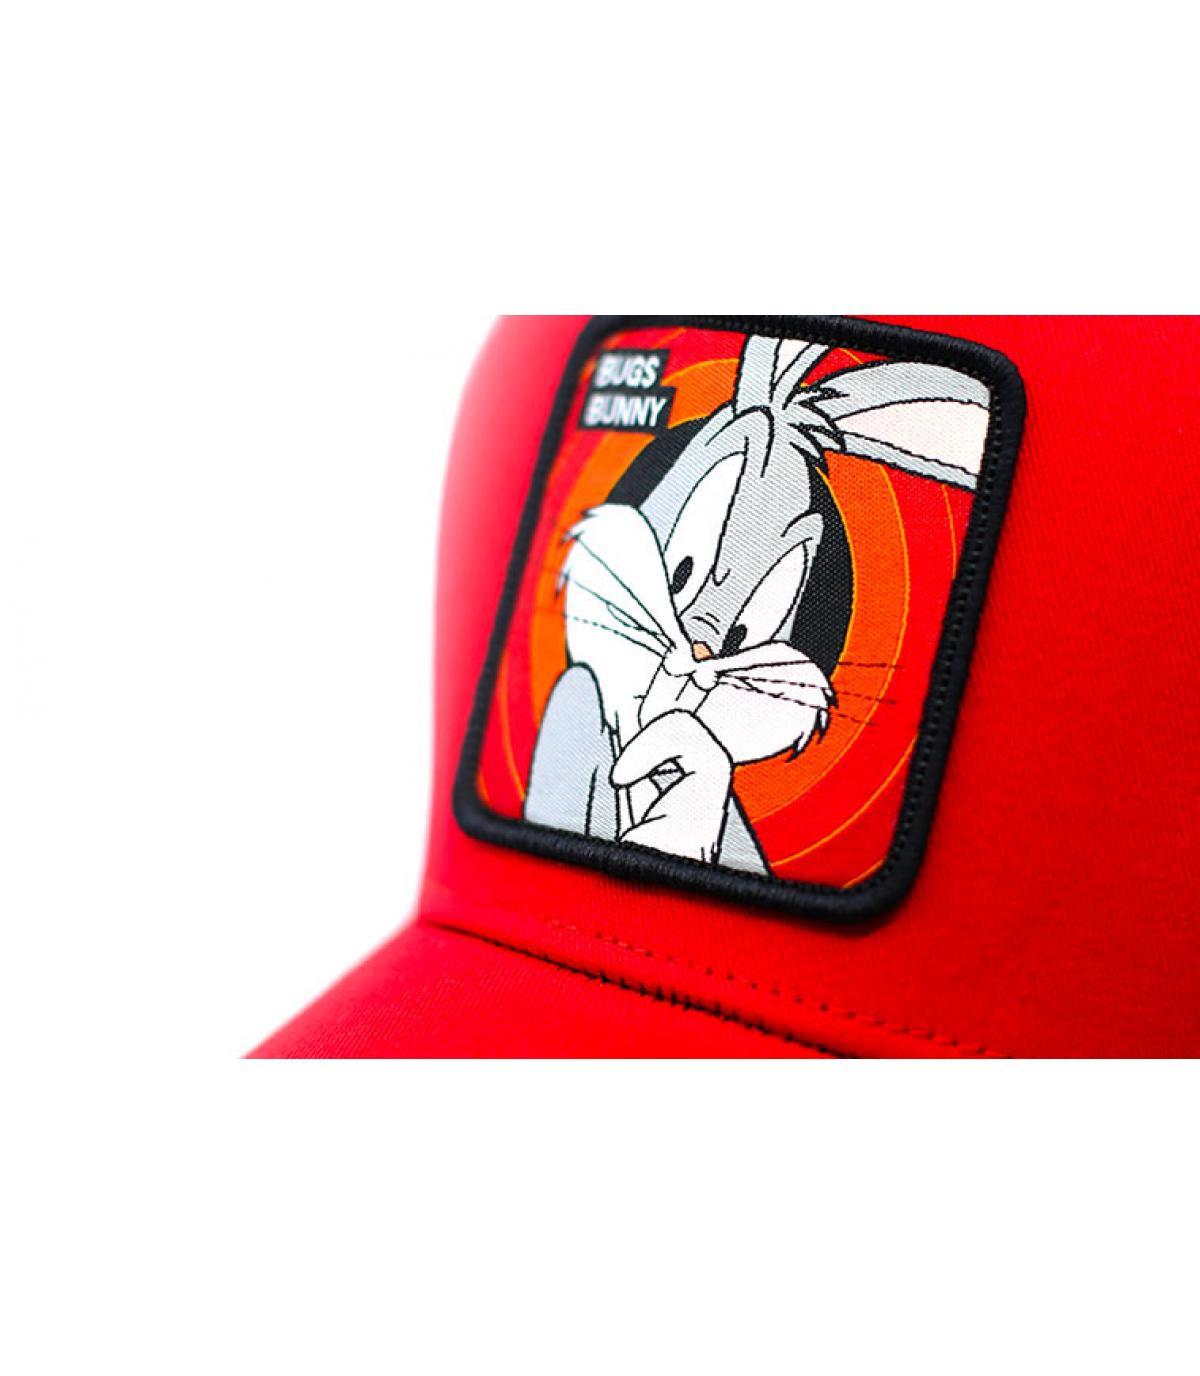 Details Trucker Bugs Bunny - afbeeling 3